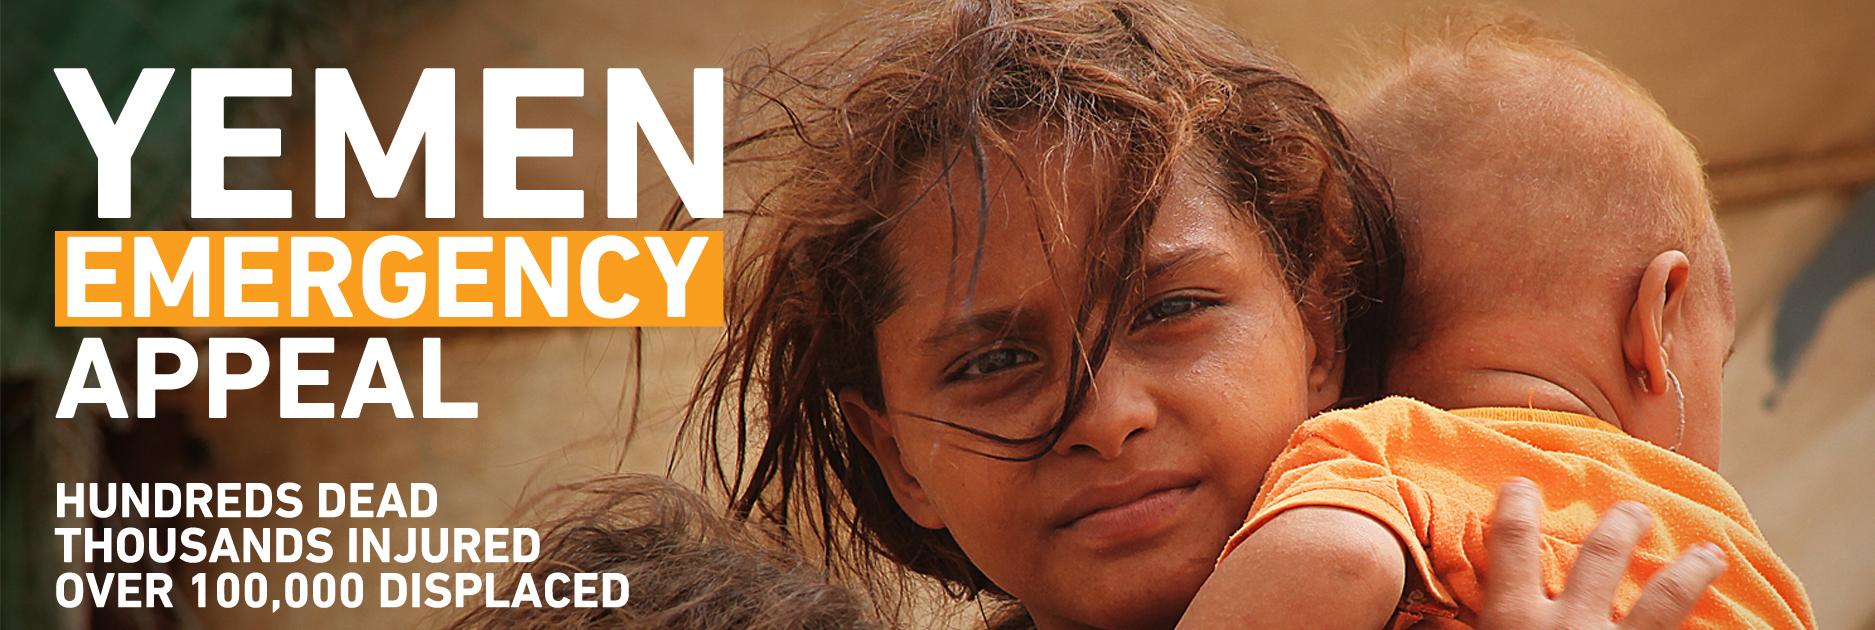 Home_Yemen_Appeal